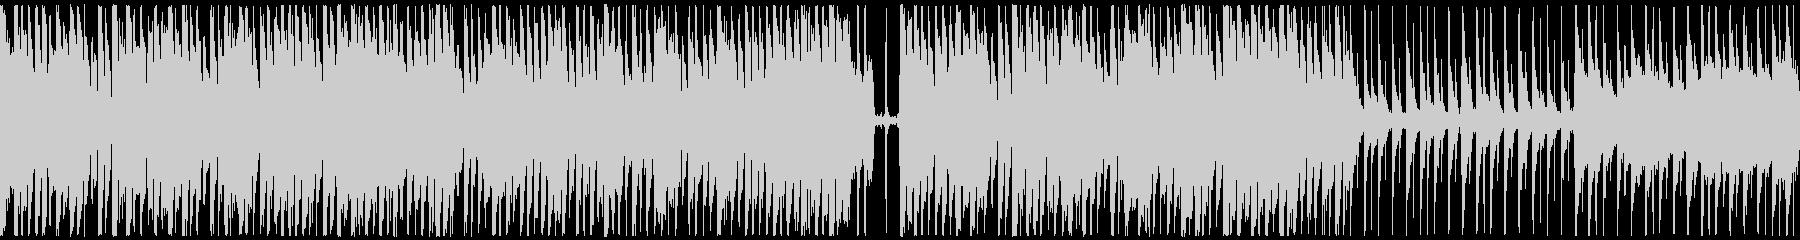 Chorus & band heartwarming loop's unreproduced waveform